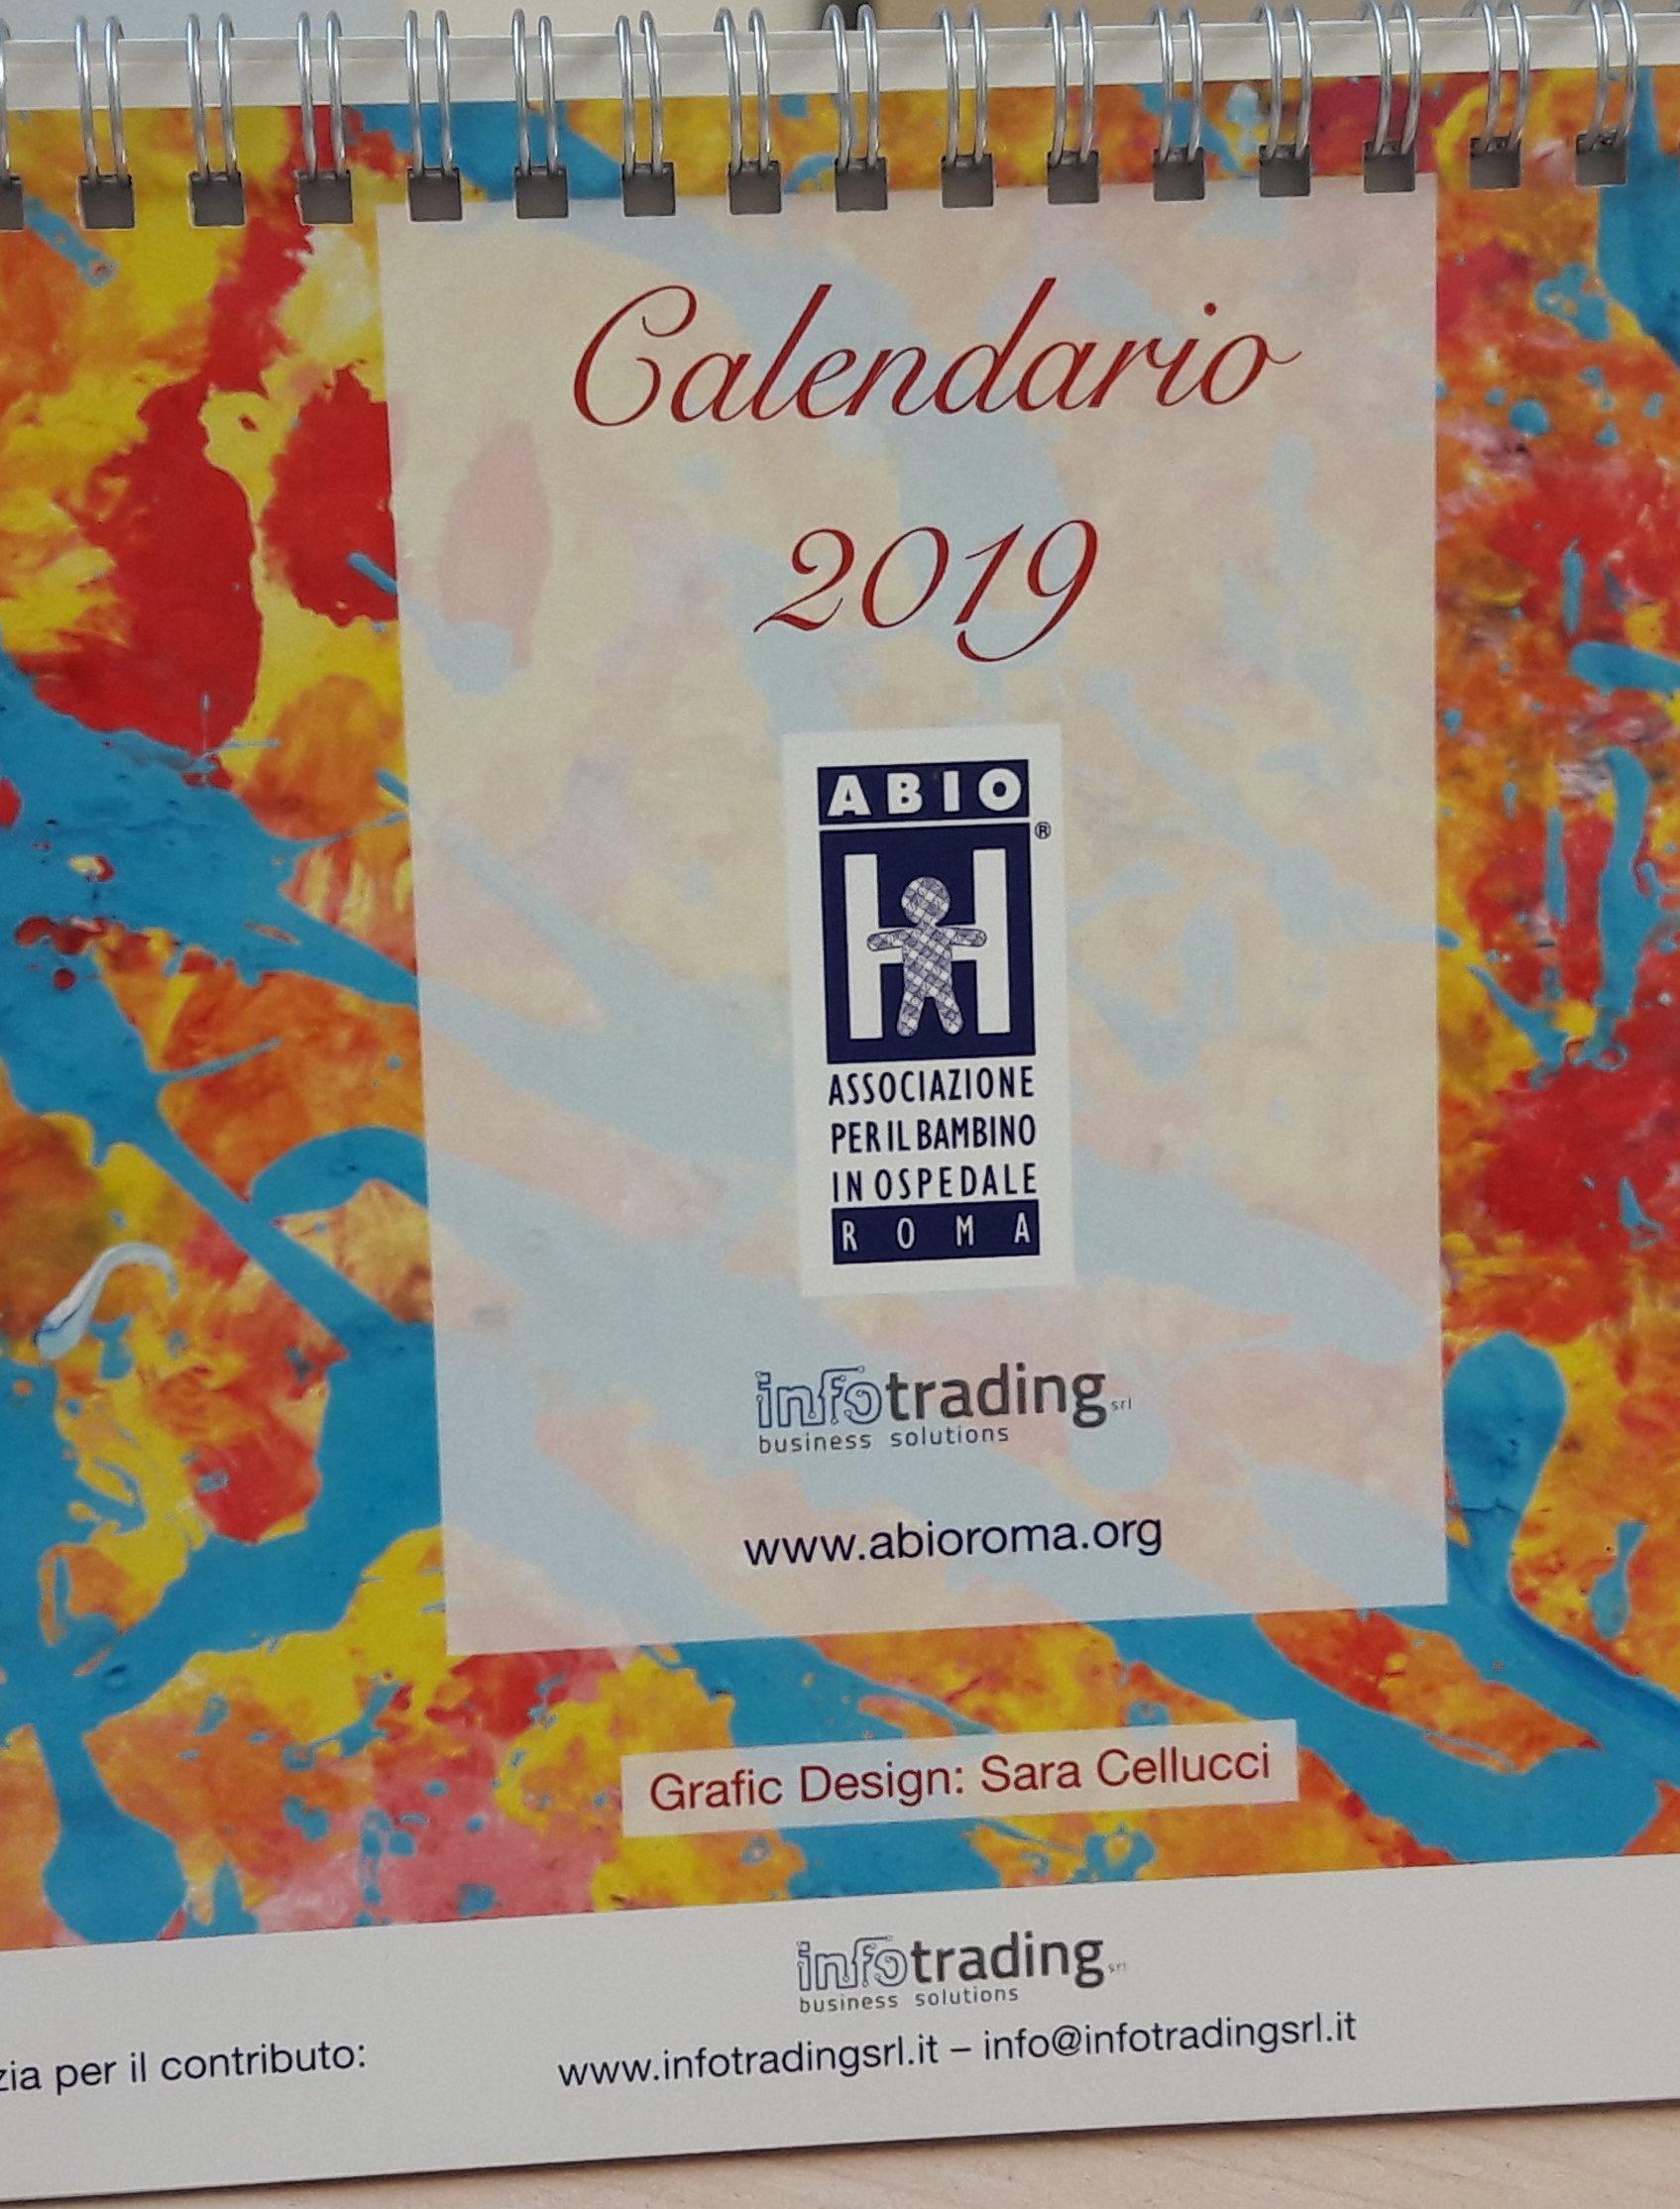 Calendario ABIO Roma 2019